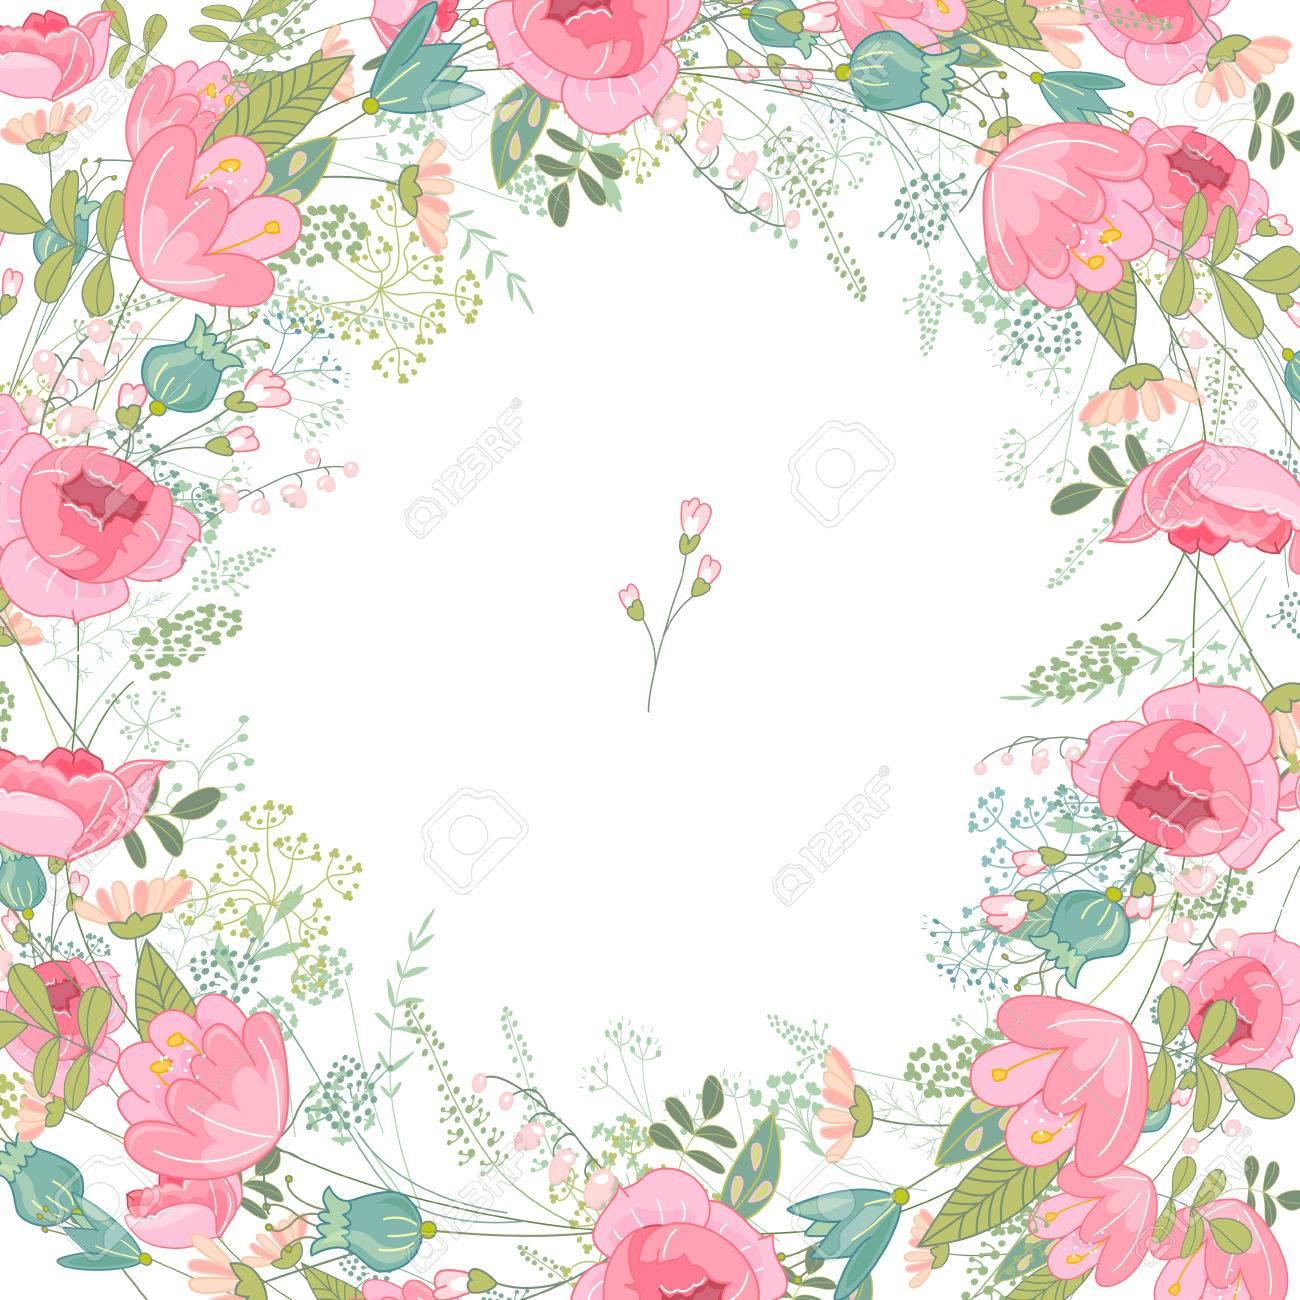 Marco Del Resorte Con Rosas Y Flores Diferentes Curvas De Nivel ...